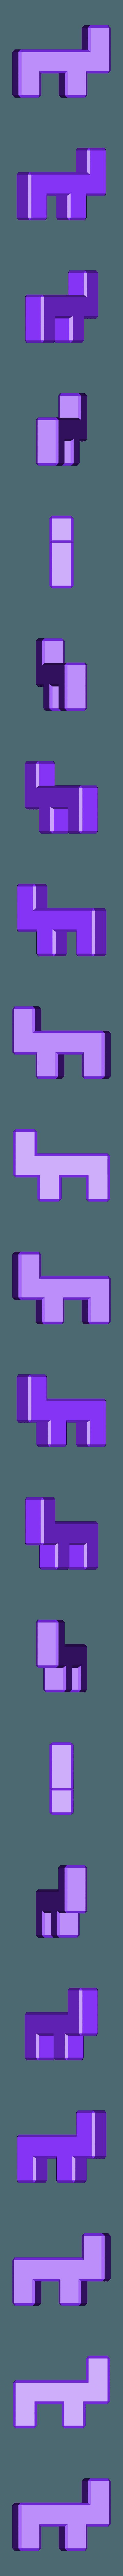 Puzzle Piece 8.stl Download free STL file 4x4 Puzzle Cube • 3D printer model, FerryTeacher